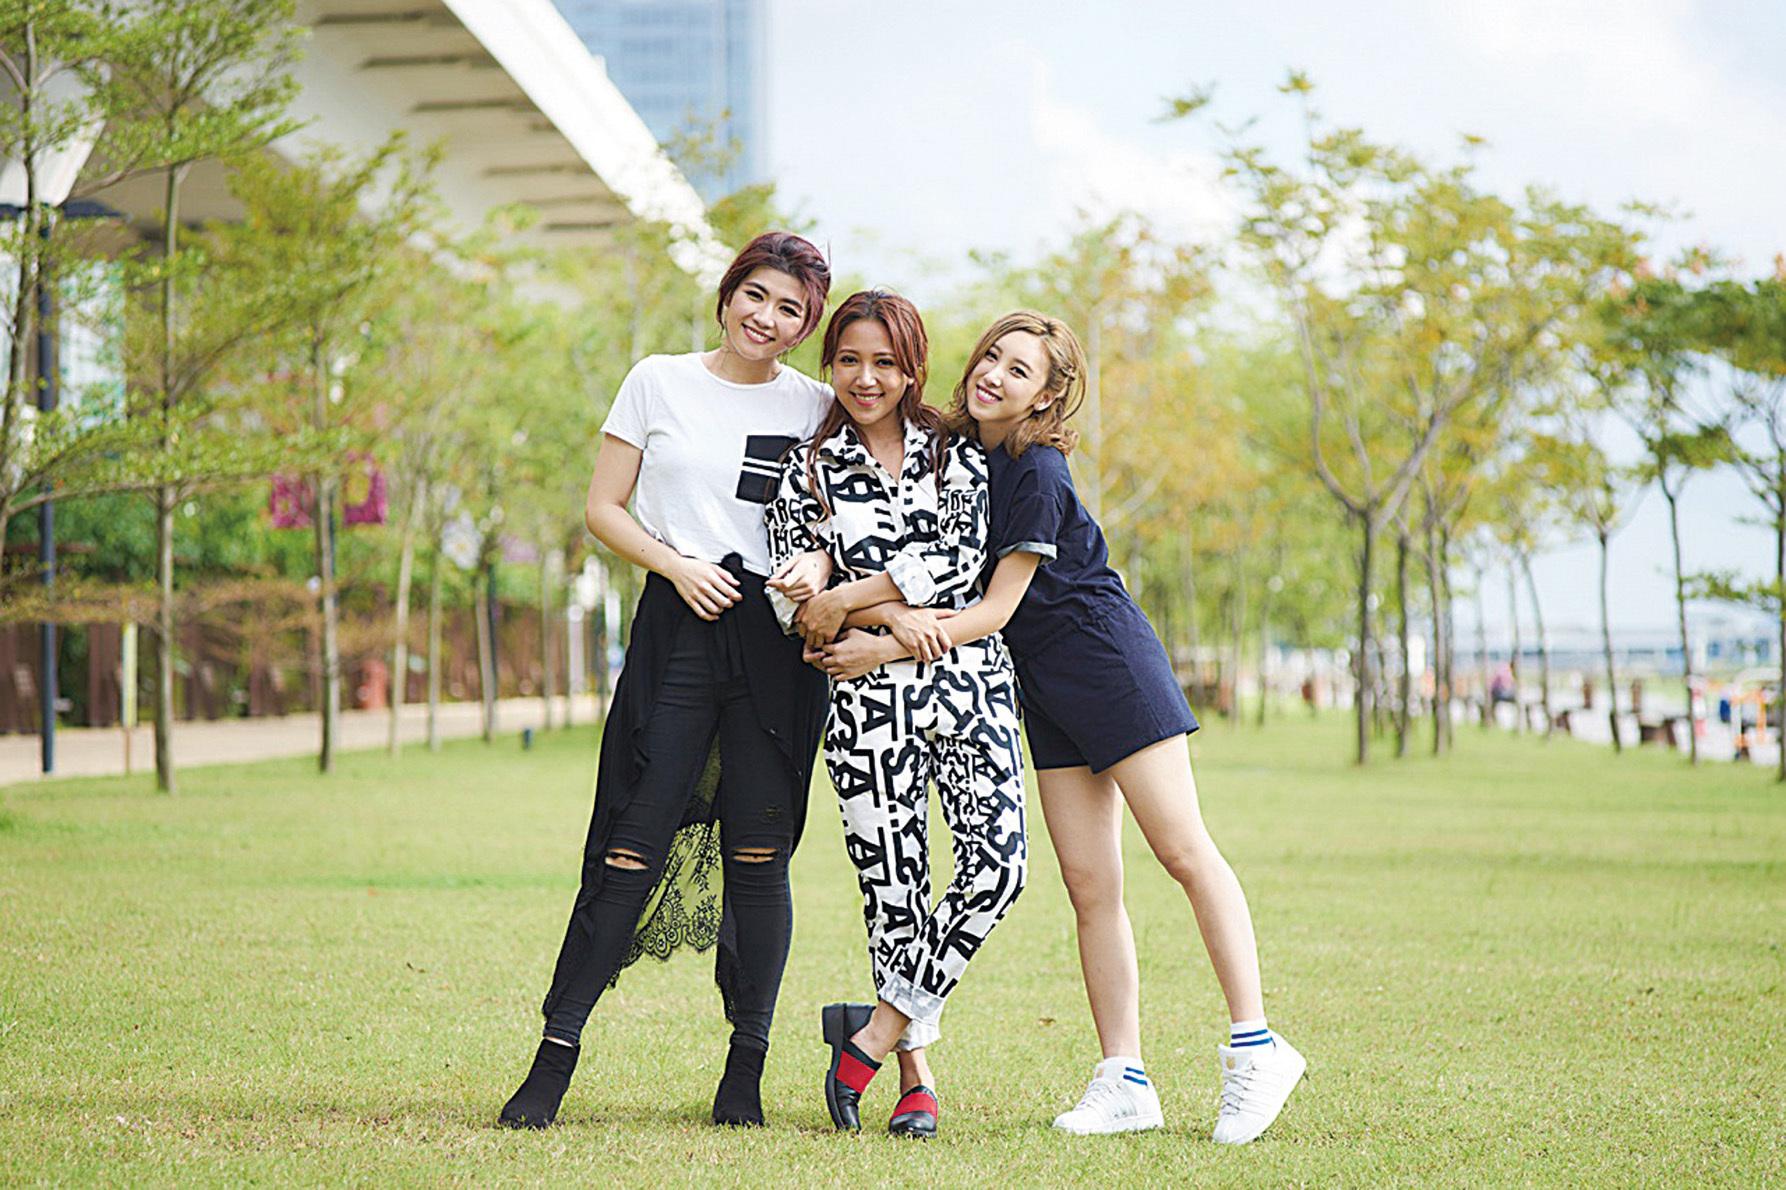 鍾舒漫、許靖韻、陳凱彤早前為飛行日合唱主題曲《我們仨》。(網絡圖片)